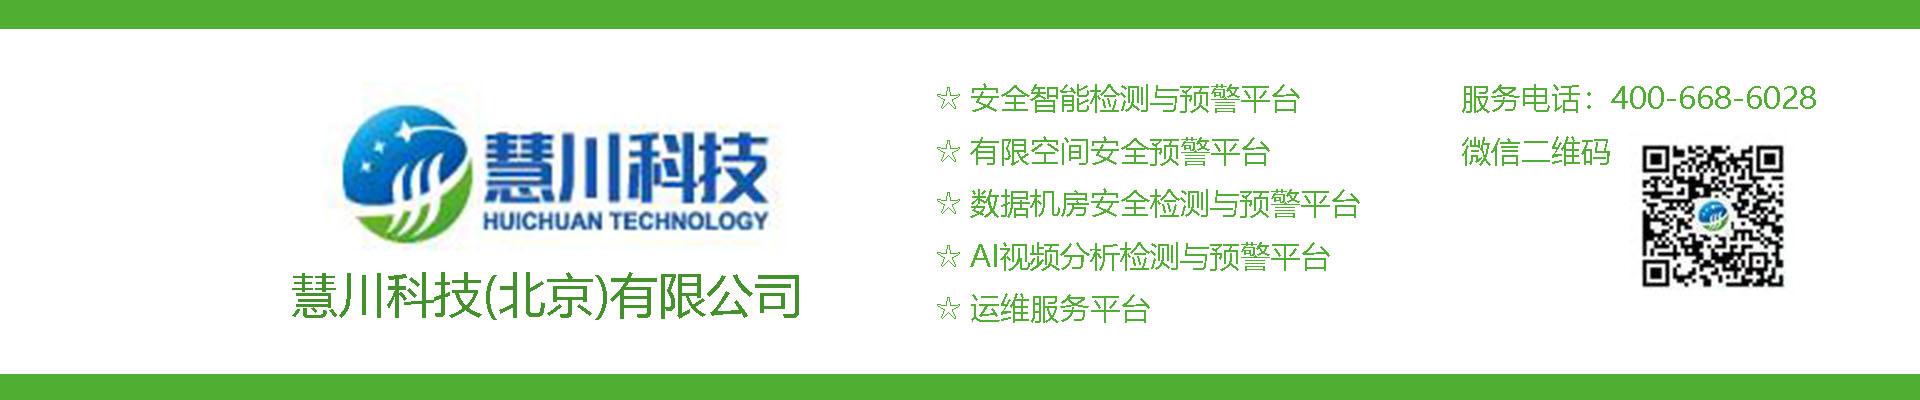 际安科技(北京)有限公司